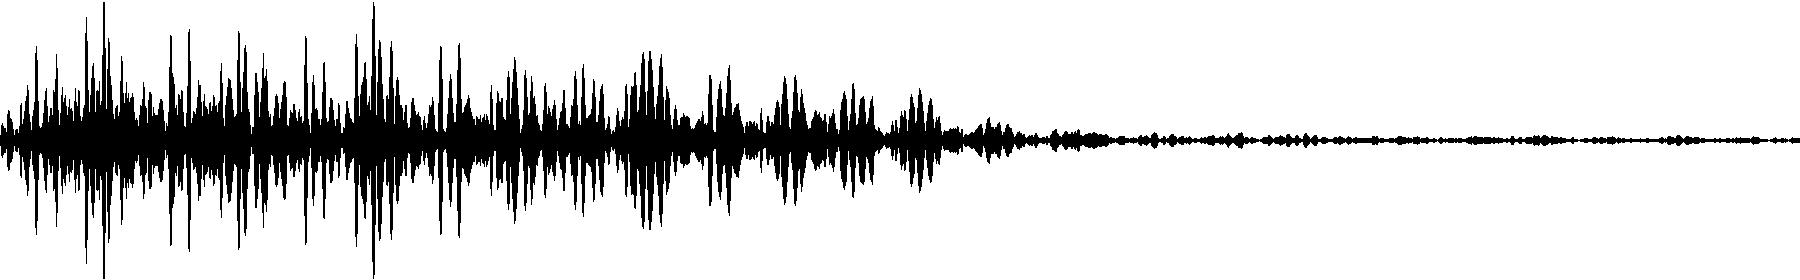 veh2 synths   015 c